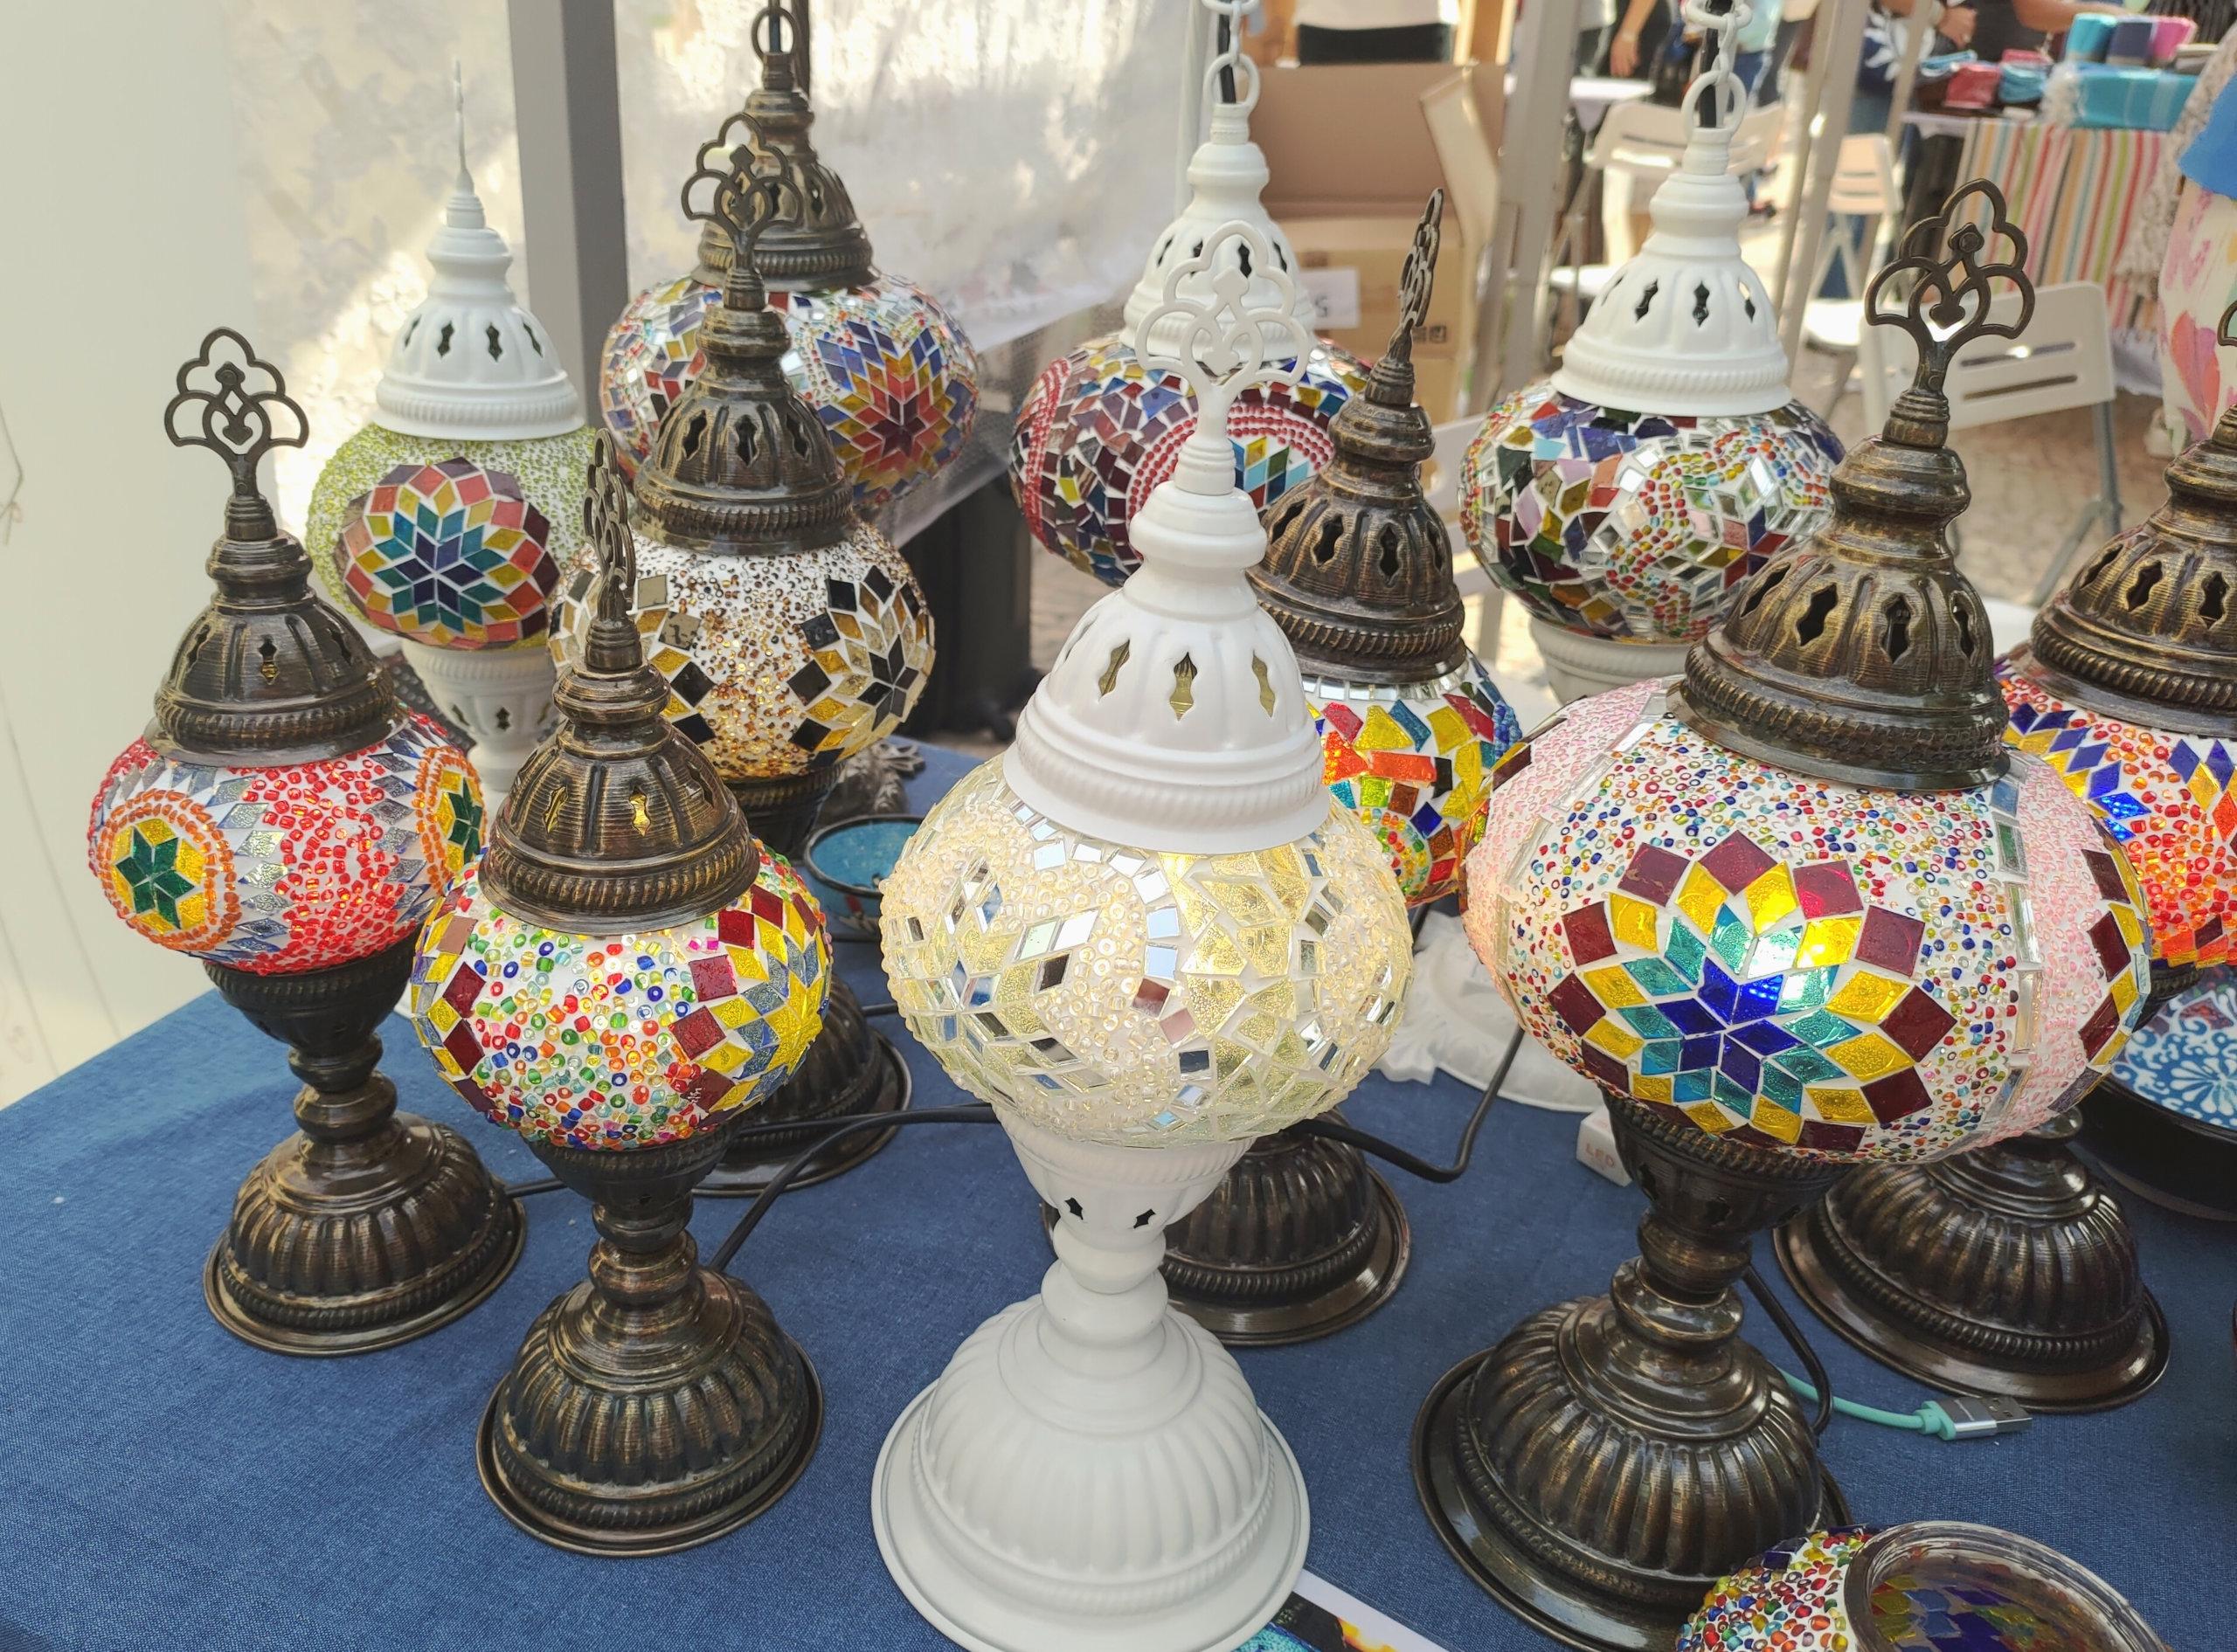 市集產品非常多元化,還有特色的土耳其燈!